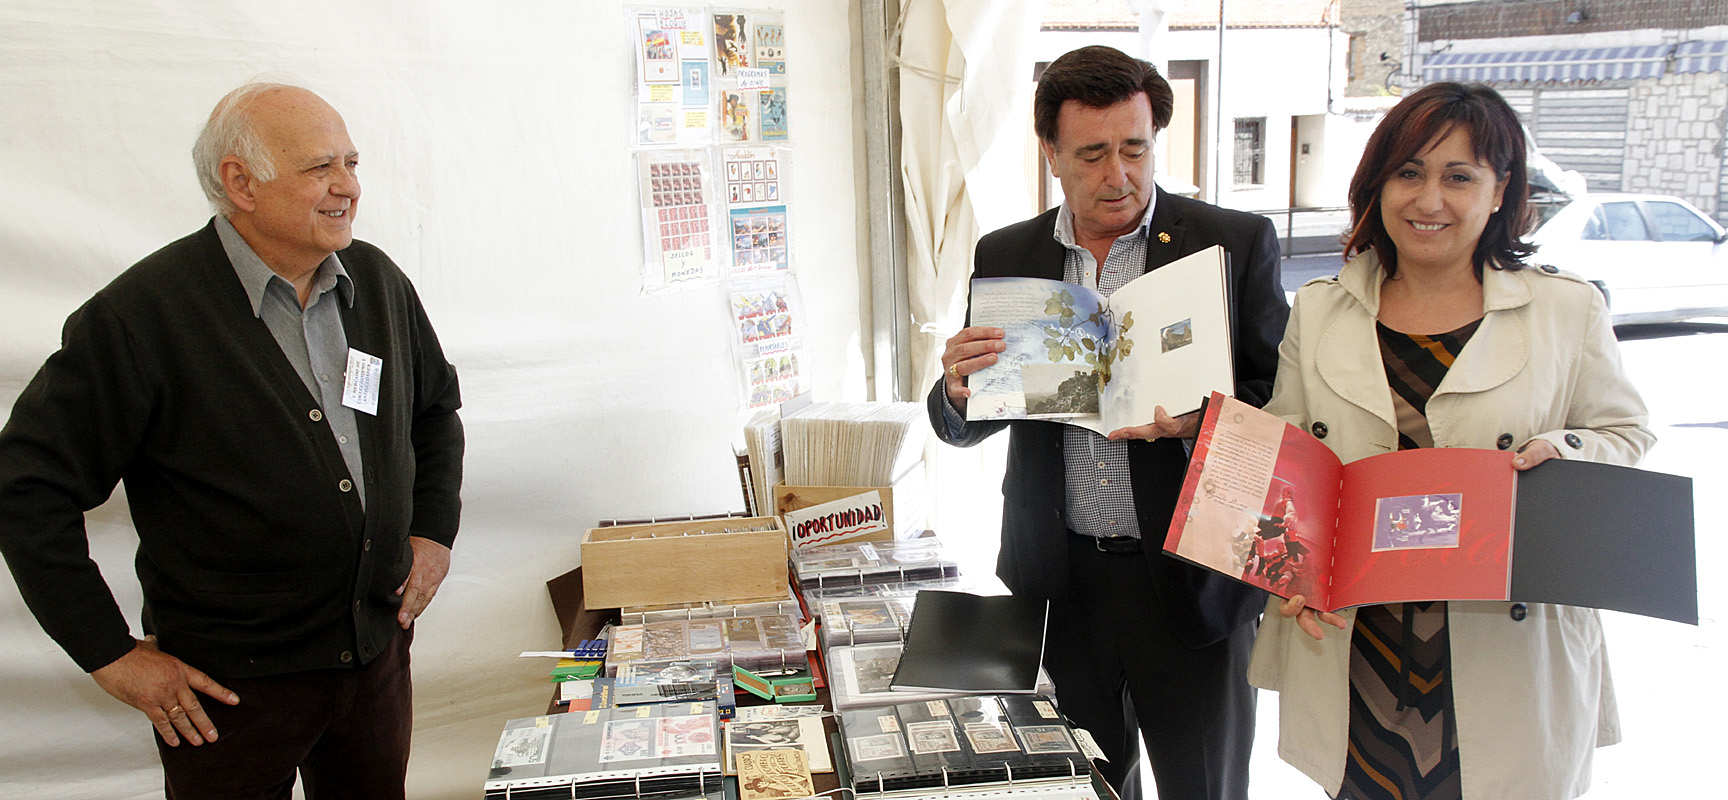 feria-cuéllar-mercado-coleccionismo-antigüedades